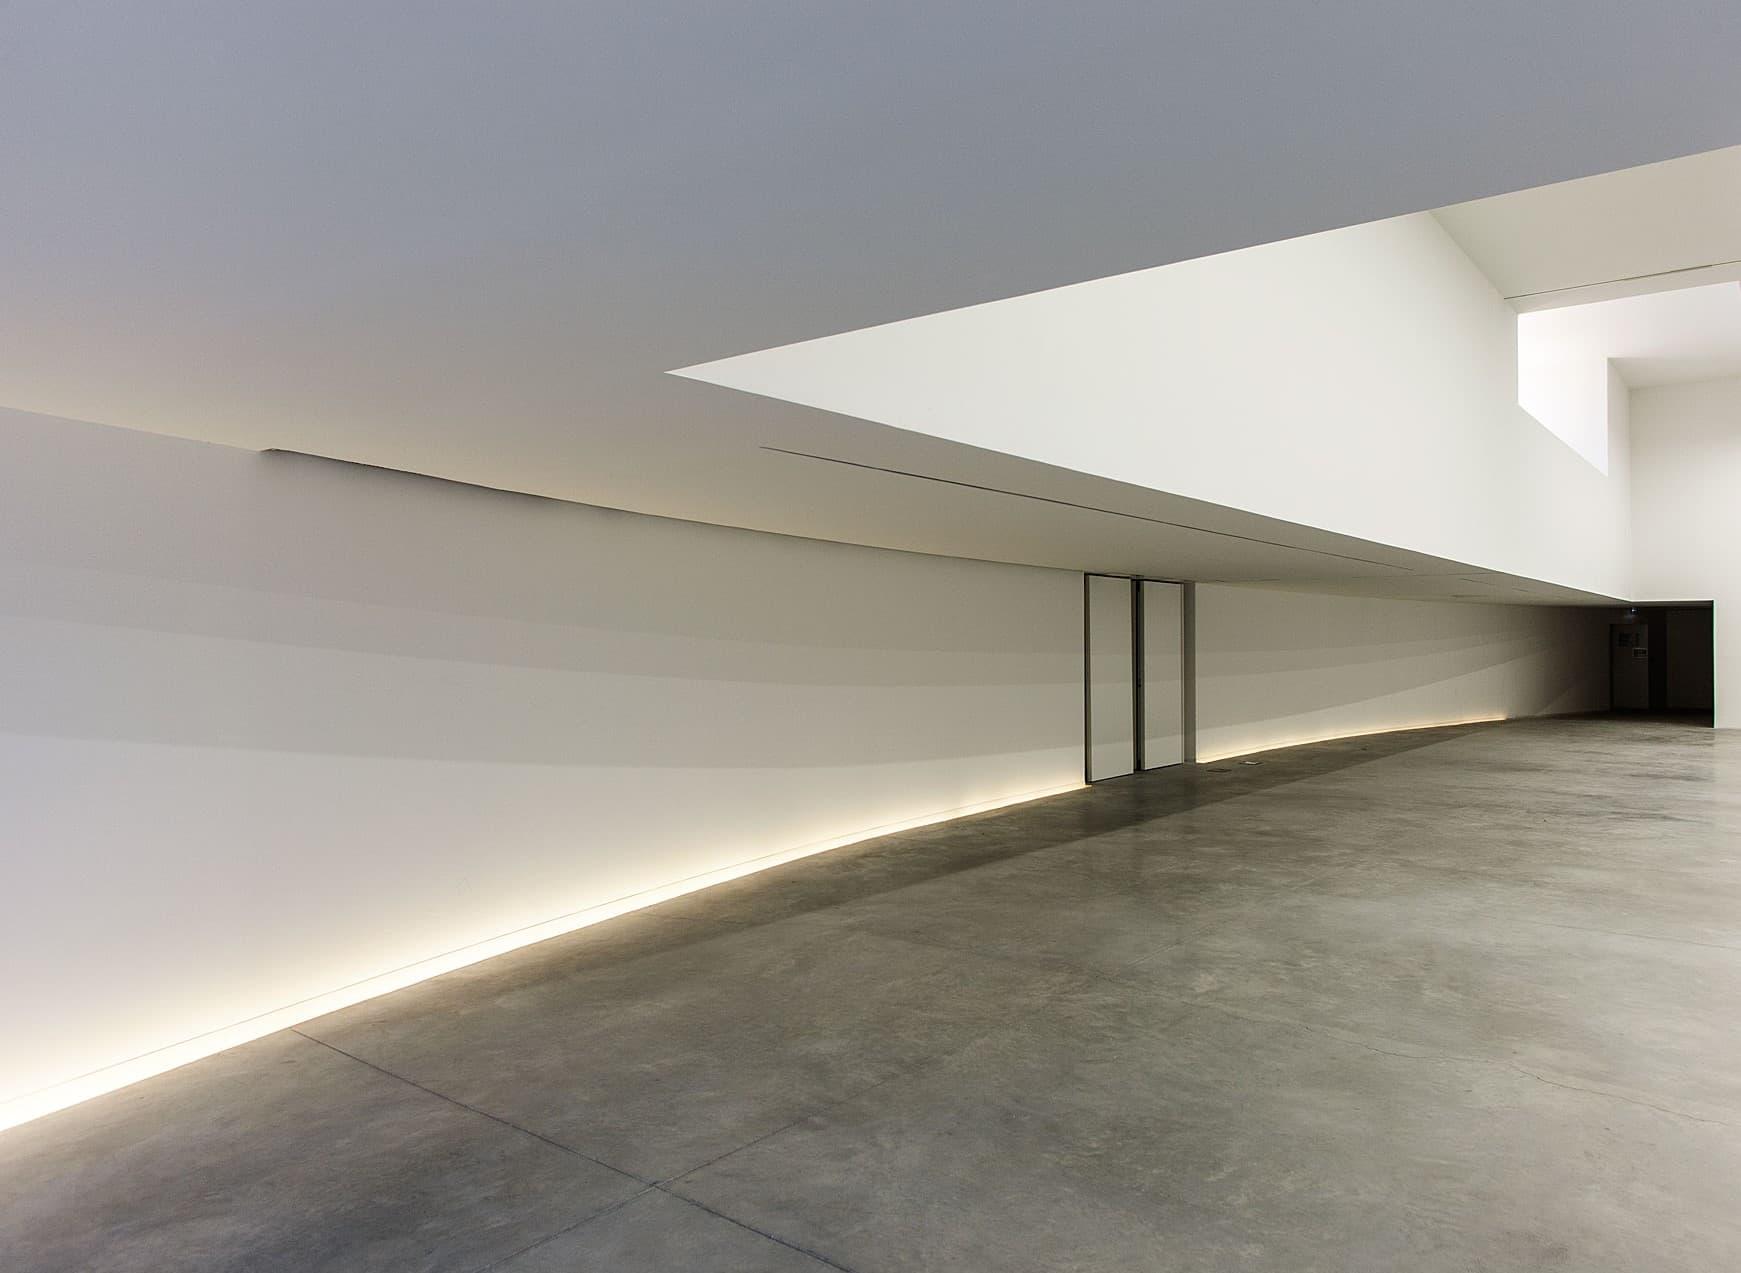 couloir lumineux sur un mur bétonné de la salle polyvalente e la duranne